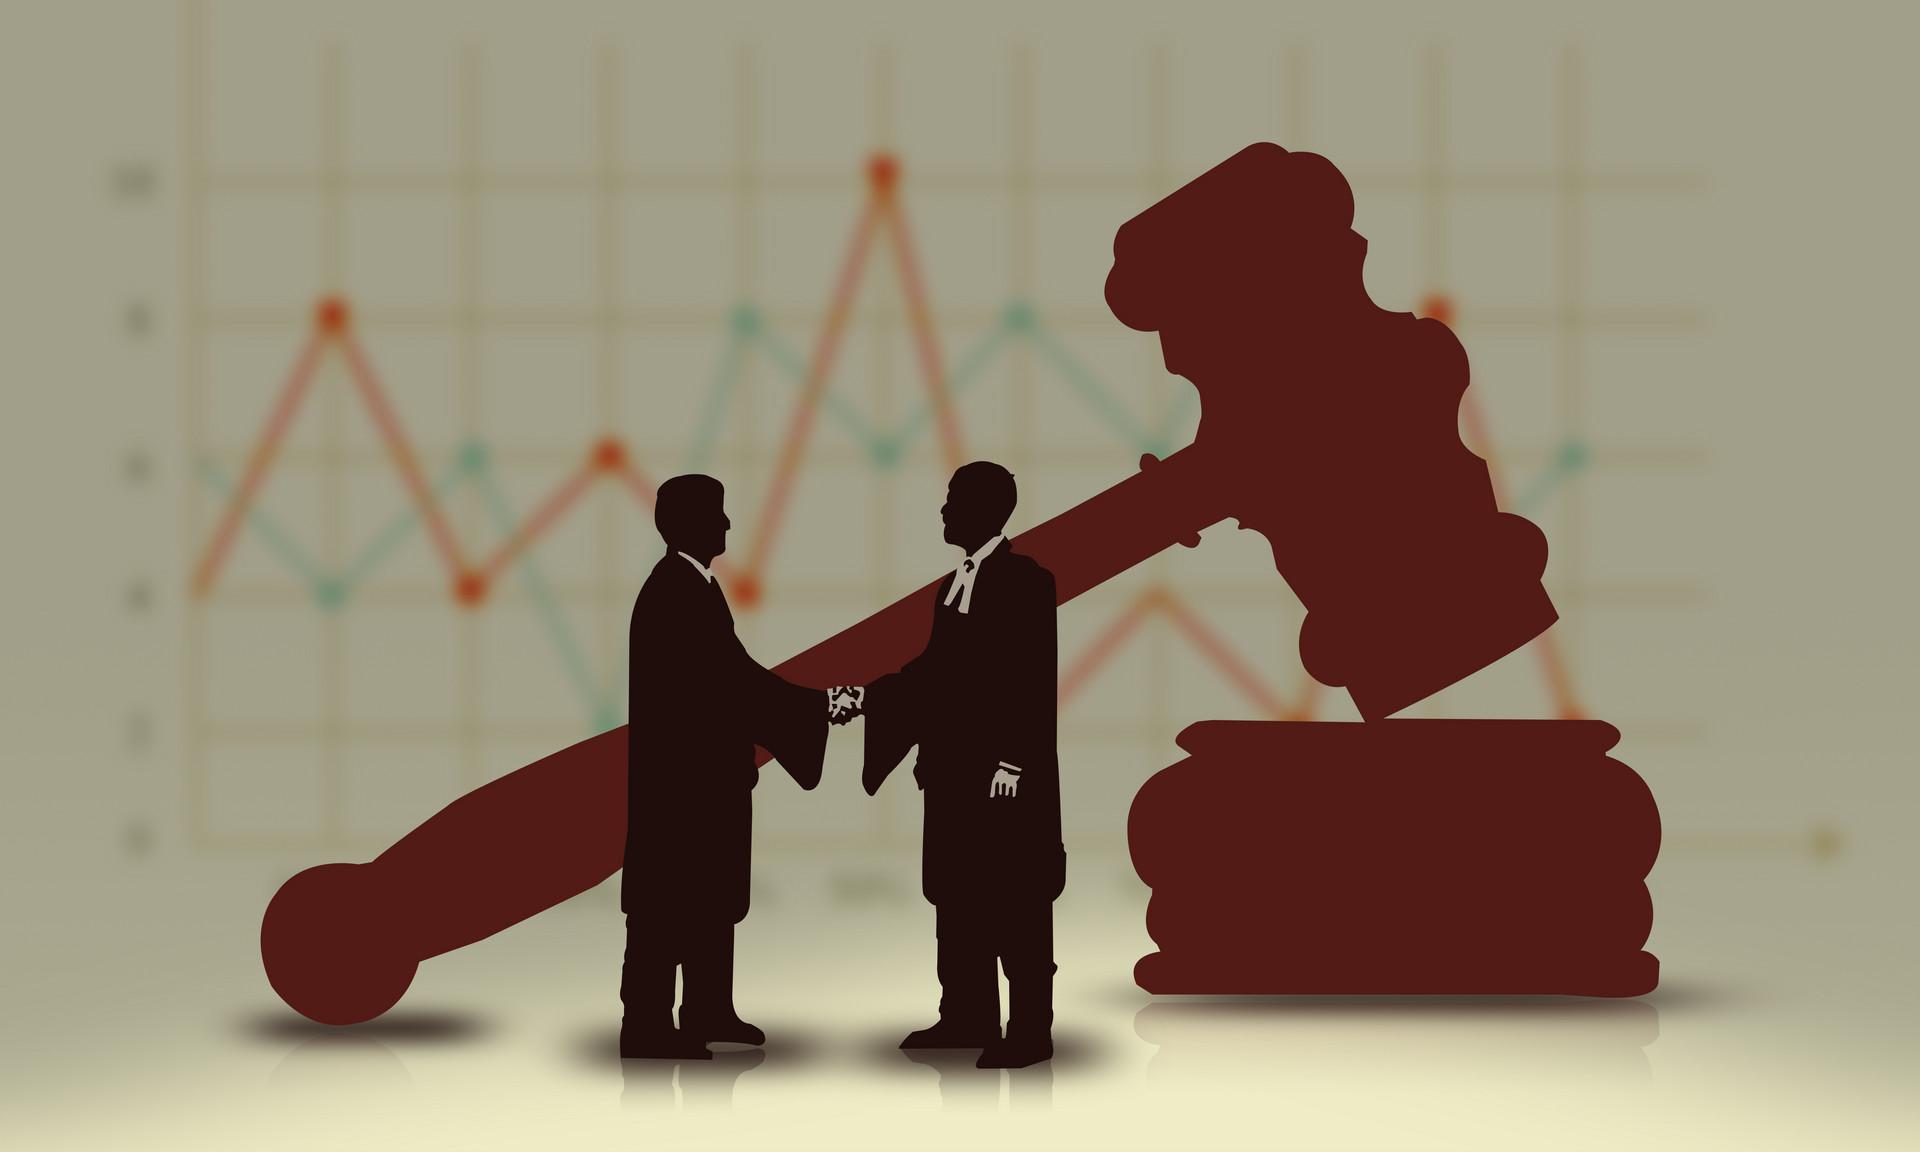 国家市场监督管理总局令第2号 《市场监督管理行政处罚程序暂行规定》(上)